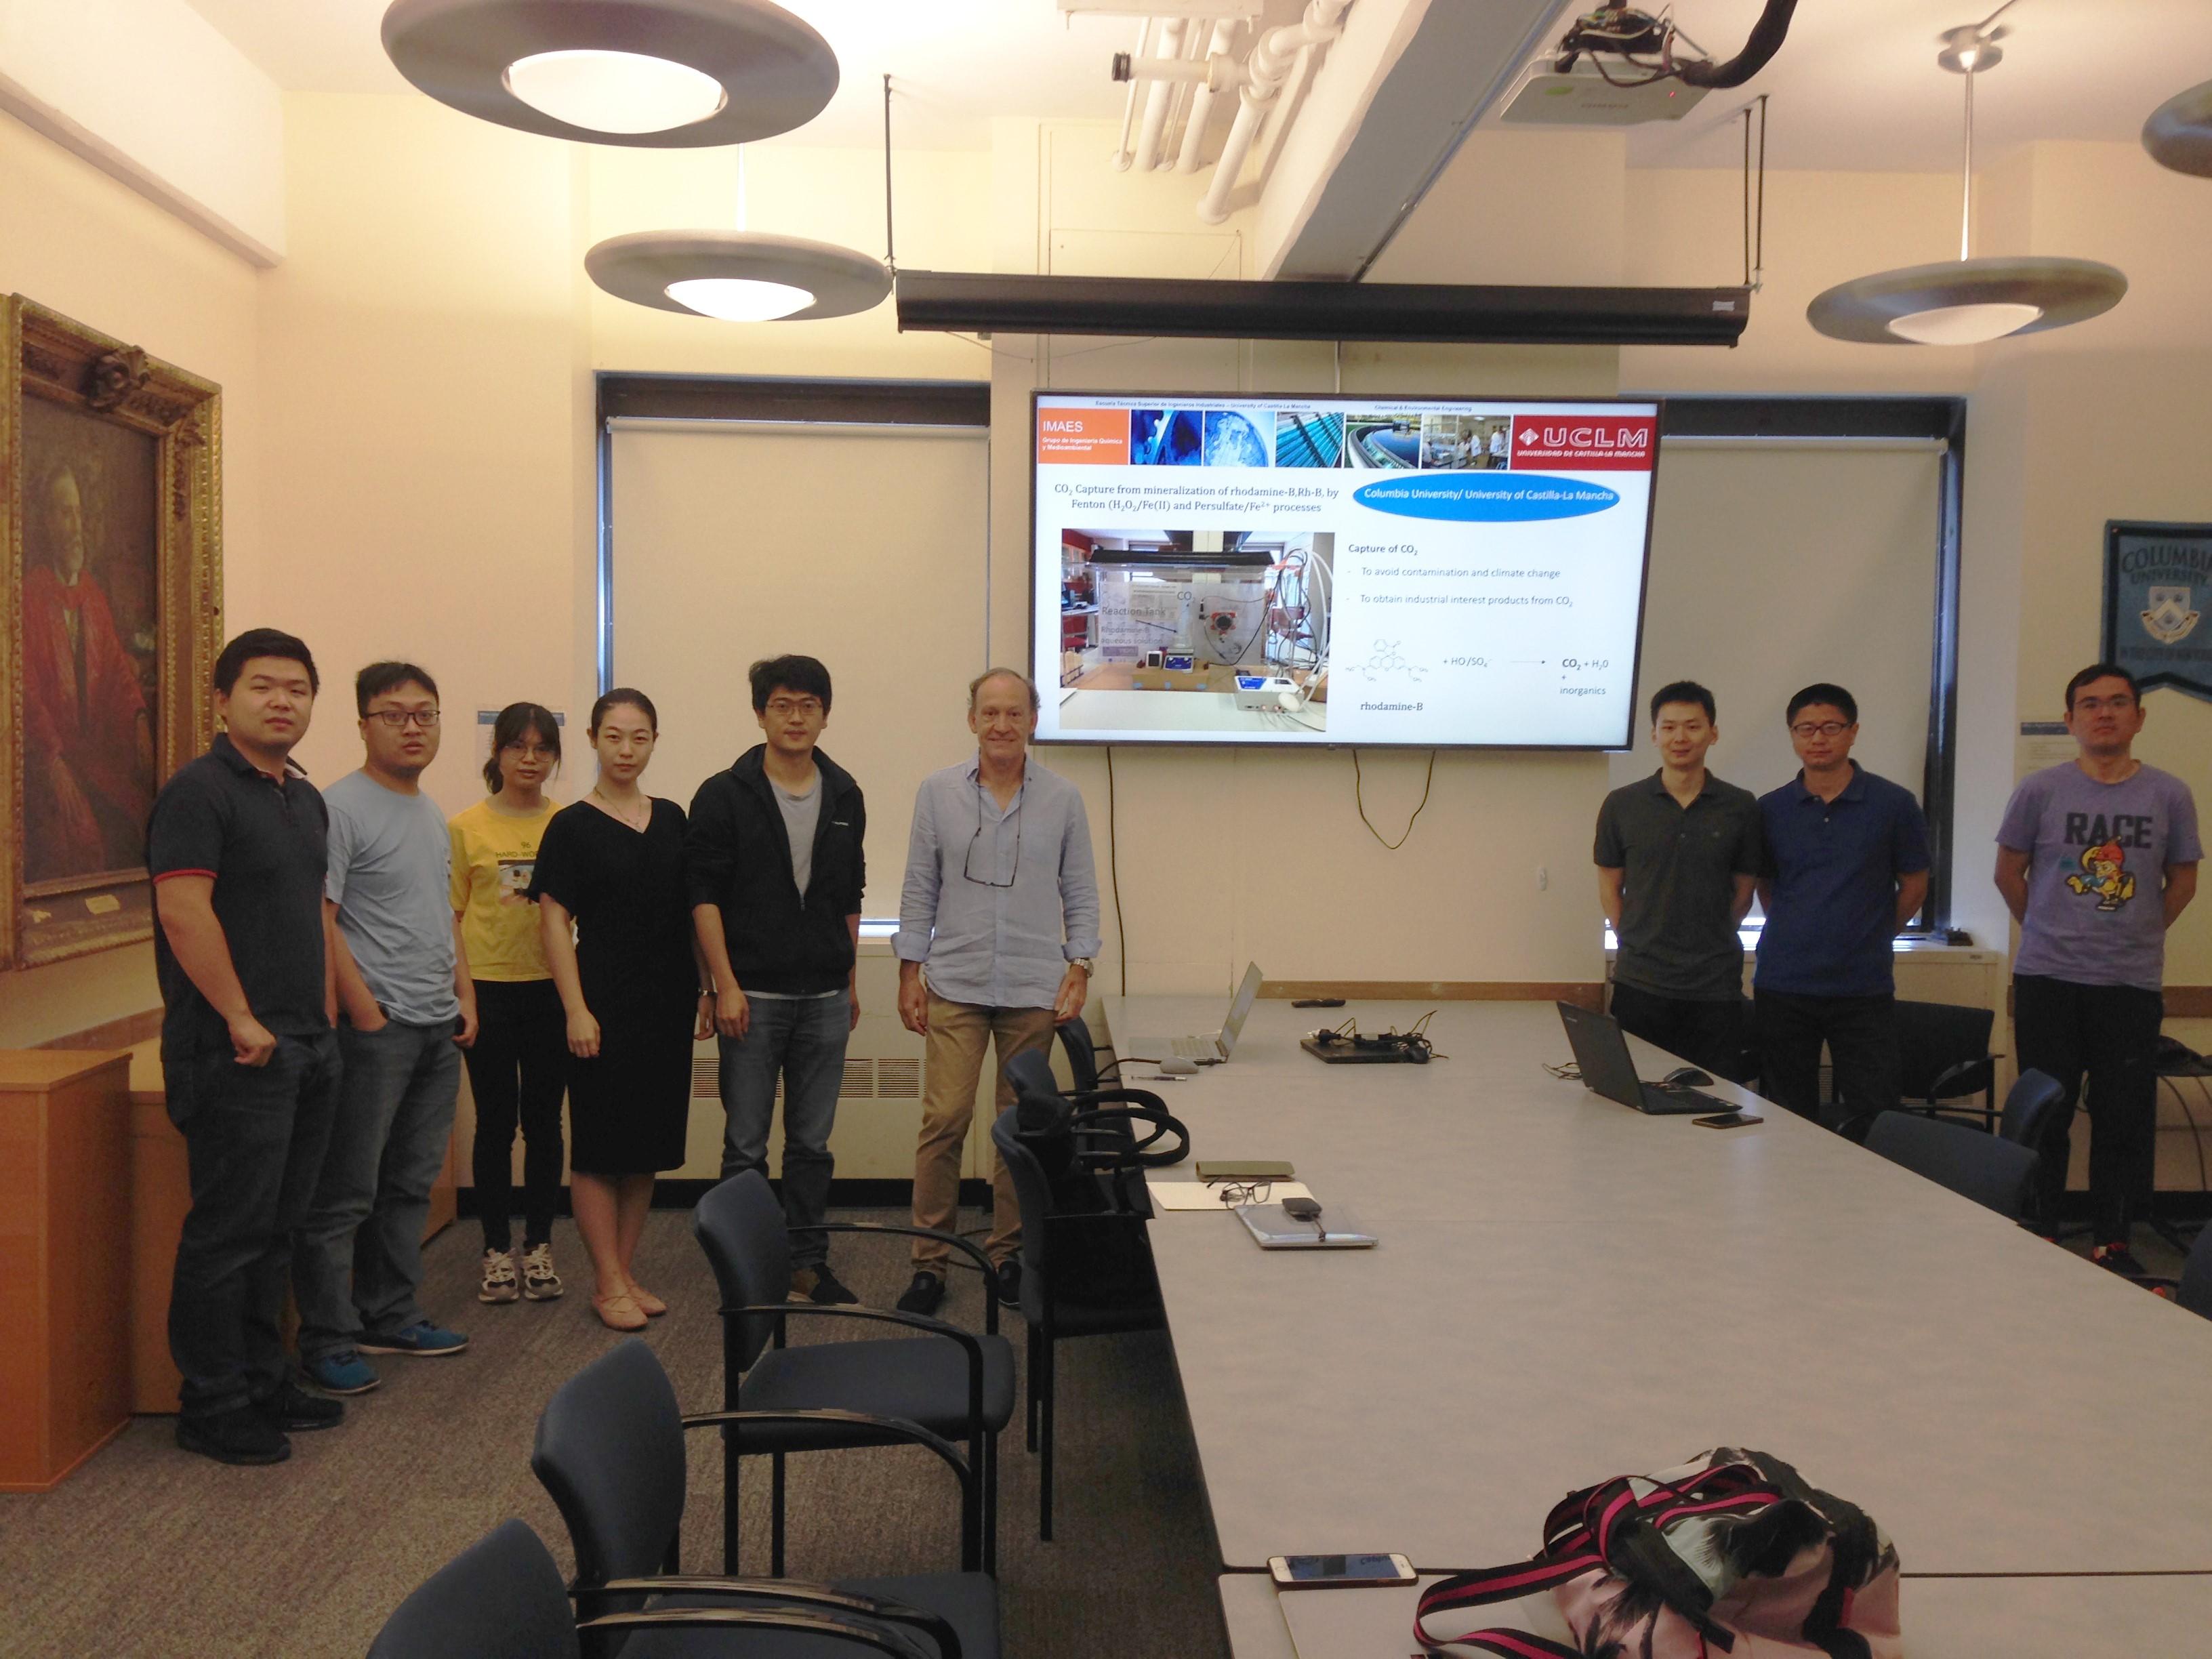 El profesor Monteagudo, del grupo IMAES de la UCLM, realiza una estancia de investigación en la universidad Columbia de E.E.U.U.